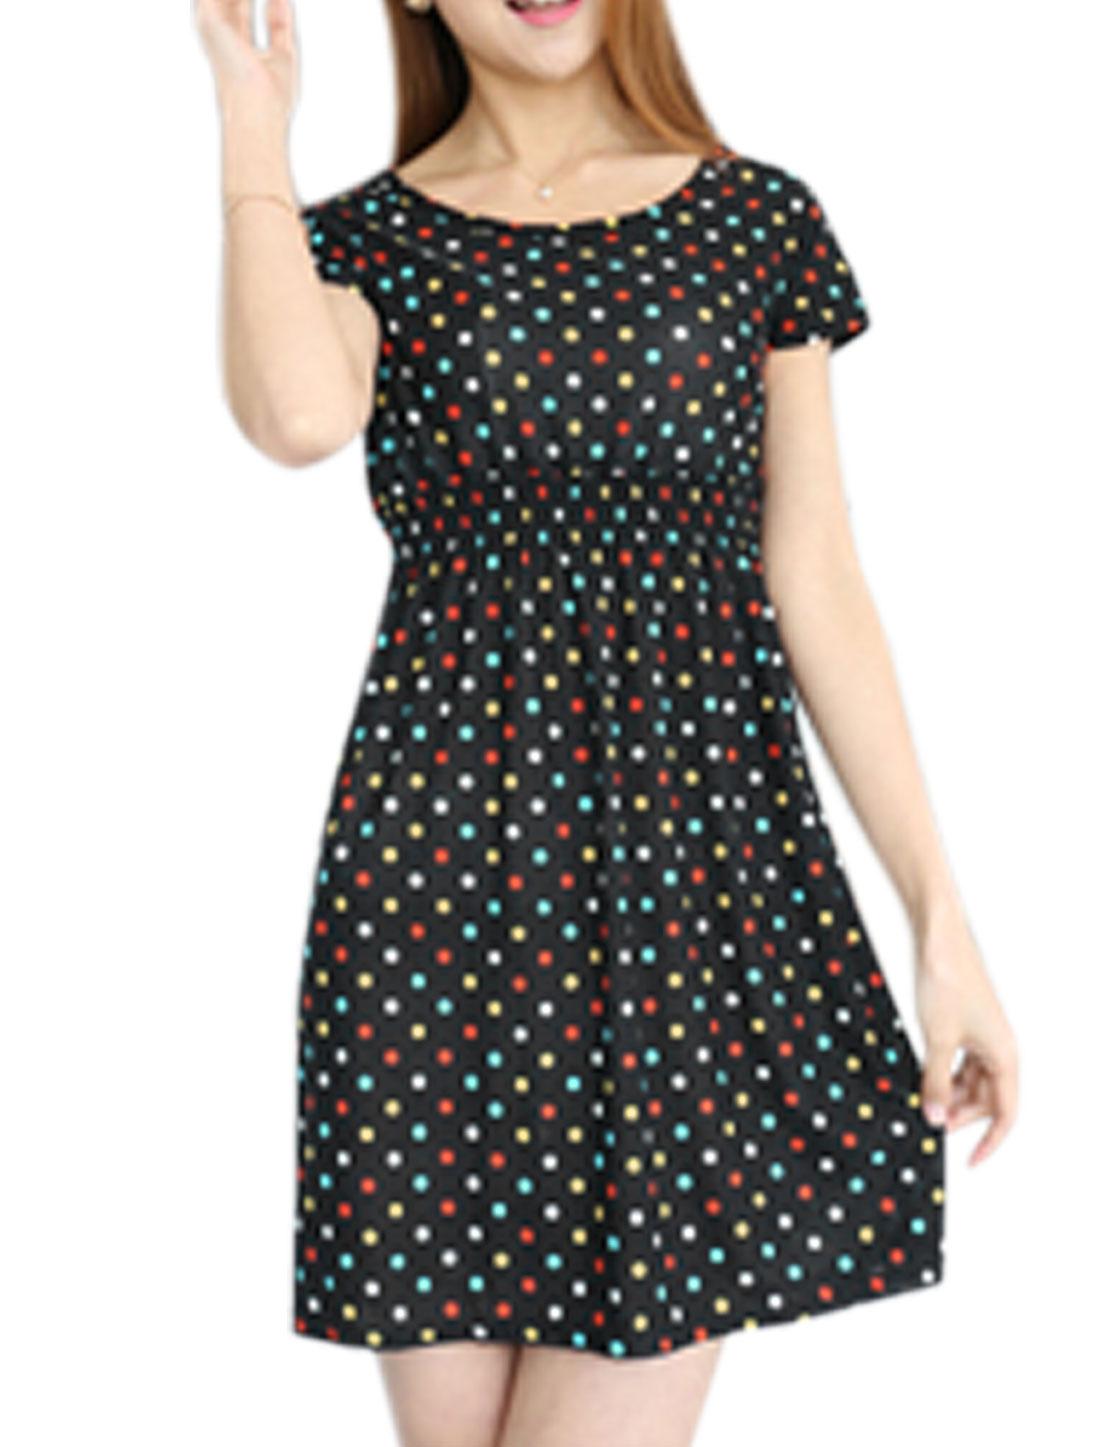 Woman Polka Dots Prints Slim Fit Casual Summer Dress Black XS